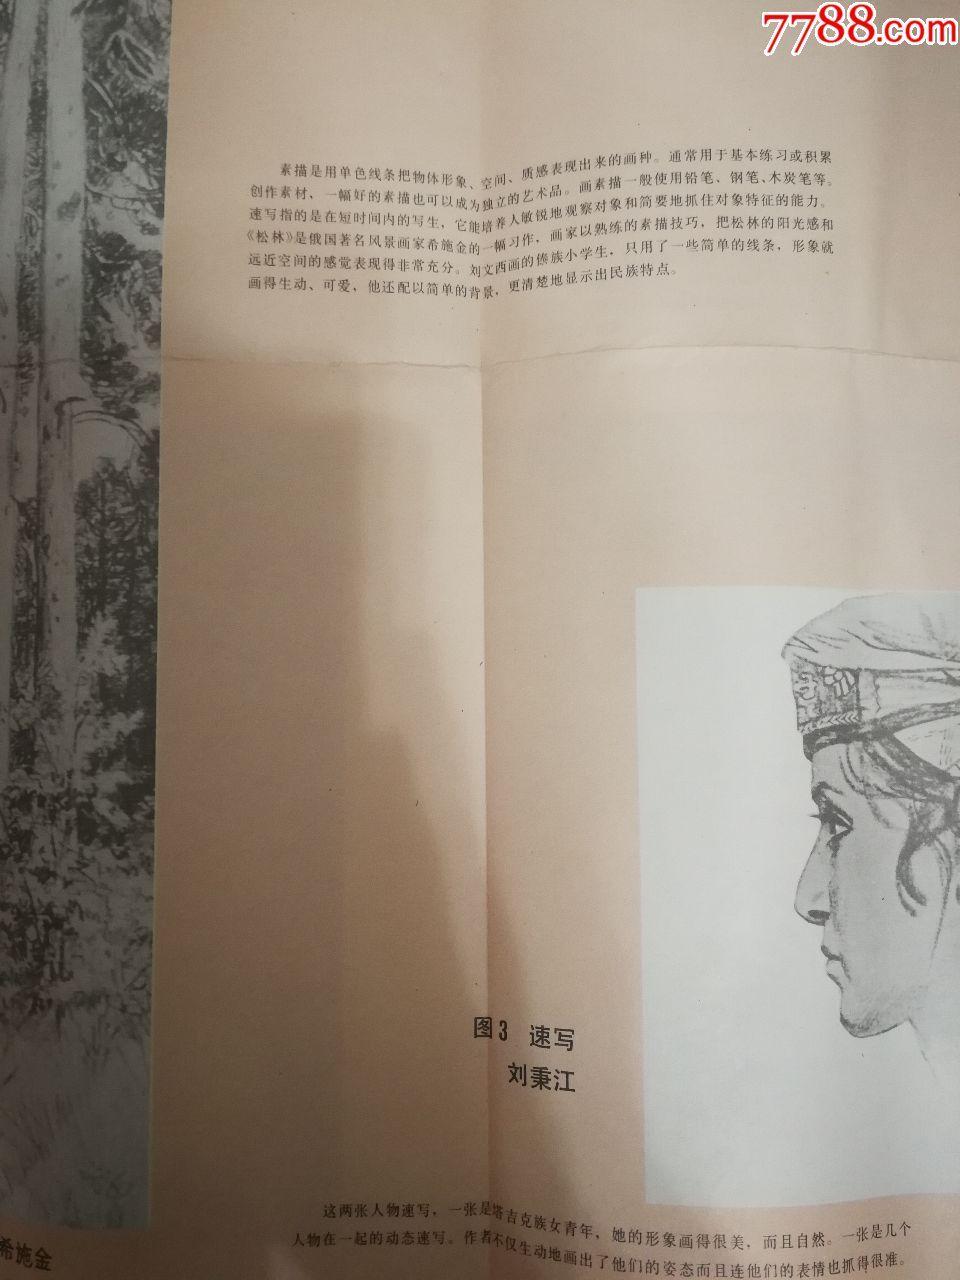 课本挂图美术教学素描速写小学、画片(森林、mfcclub操作说明图片